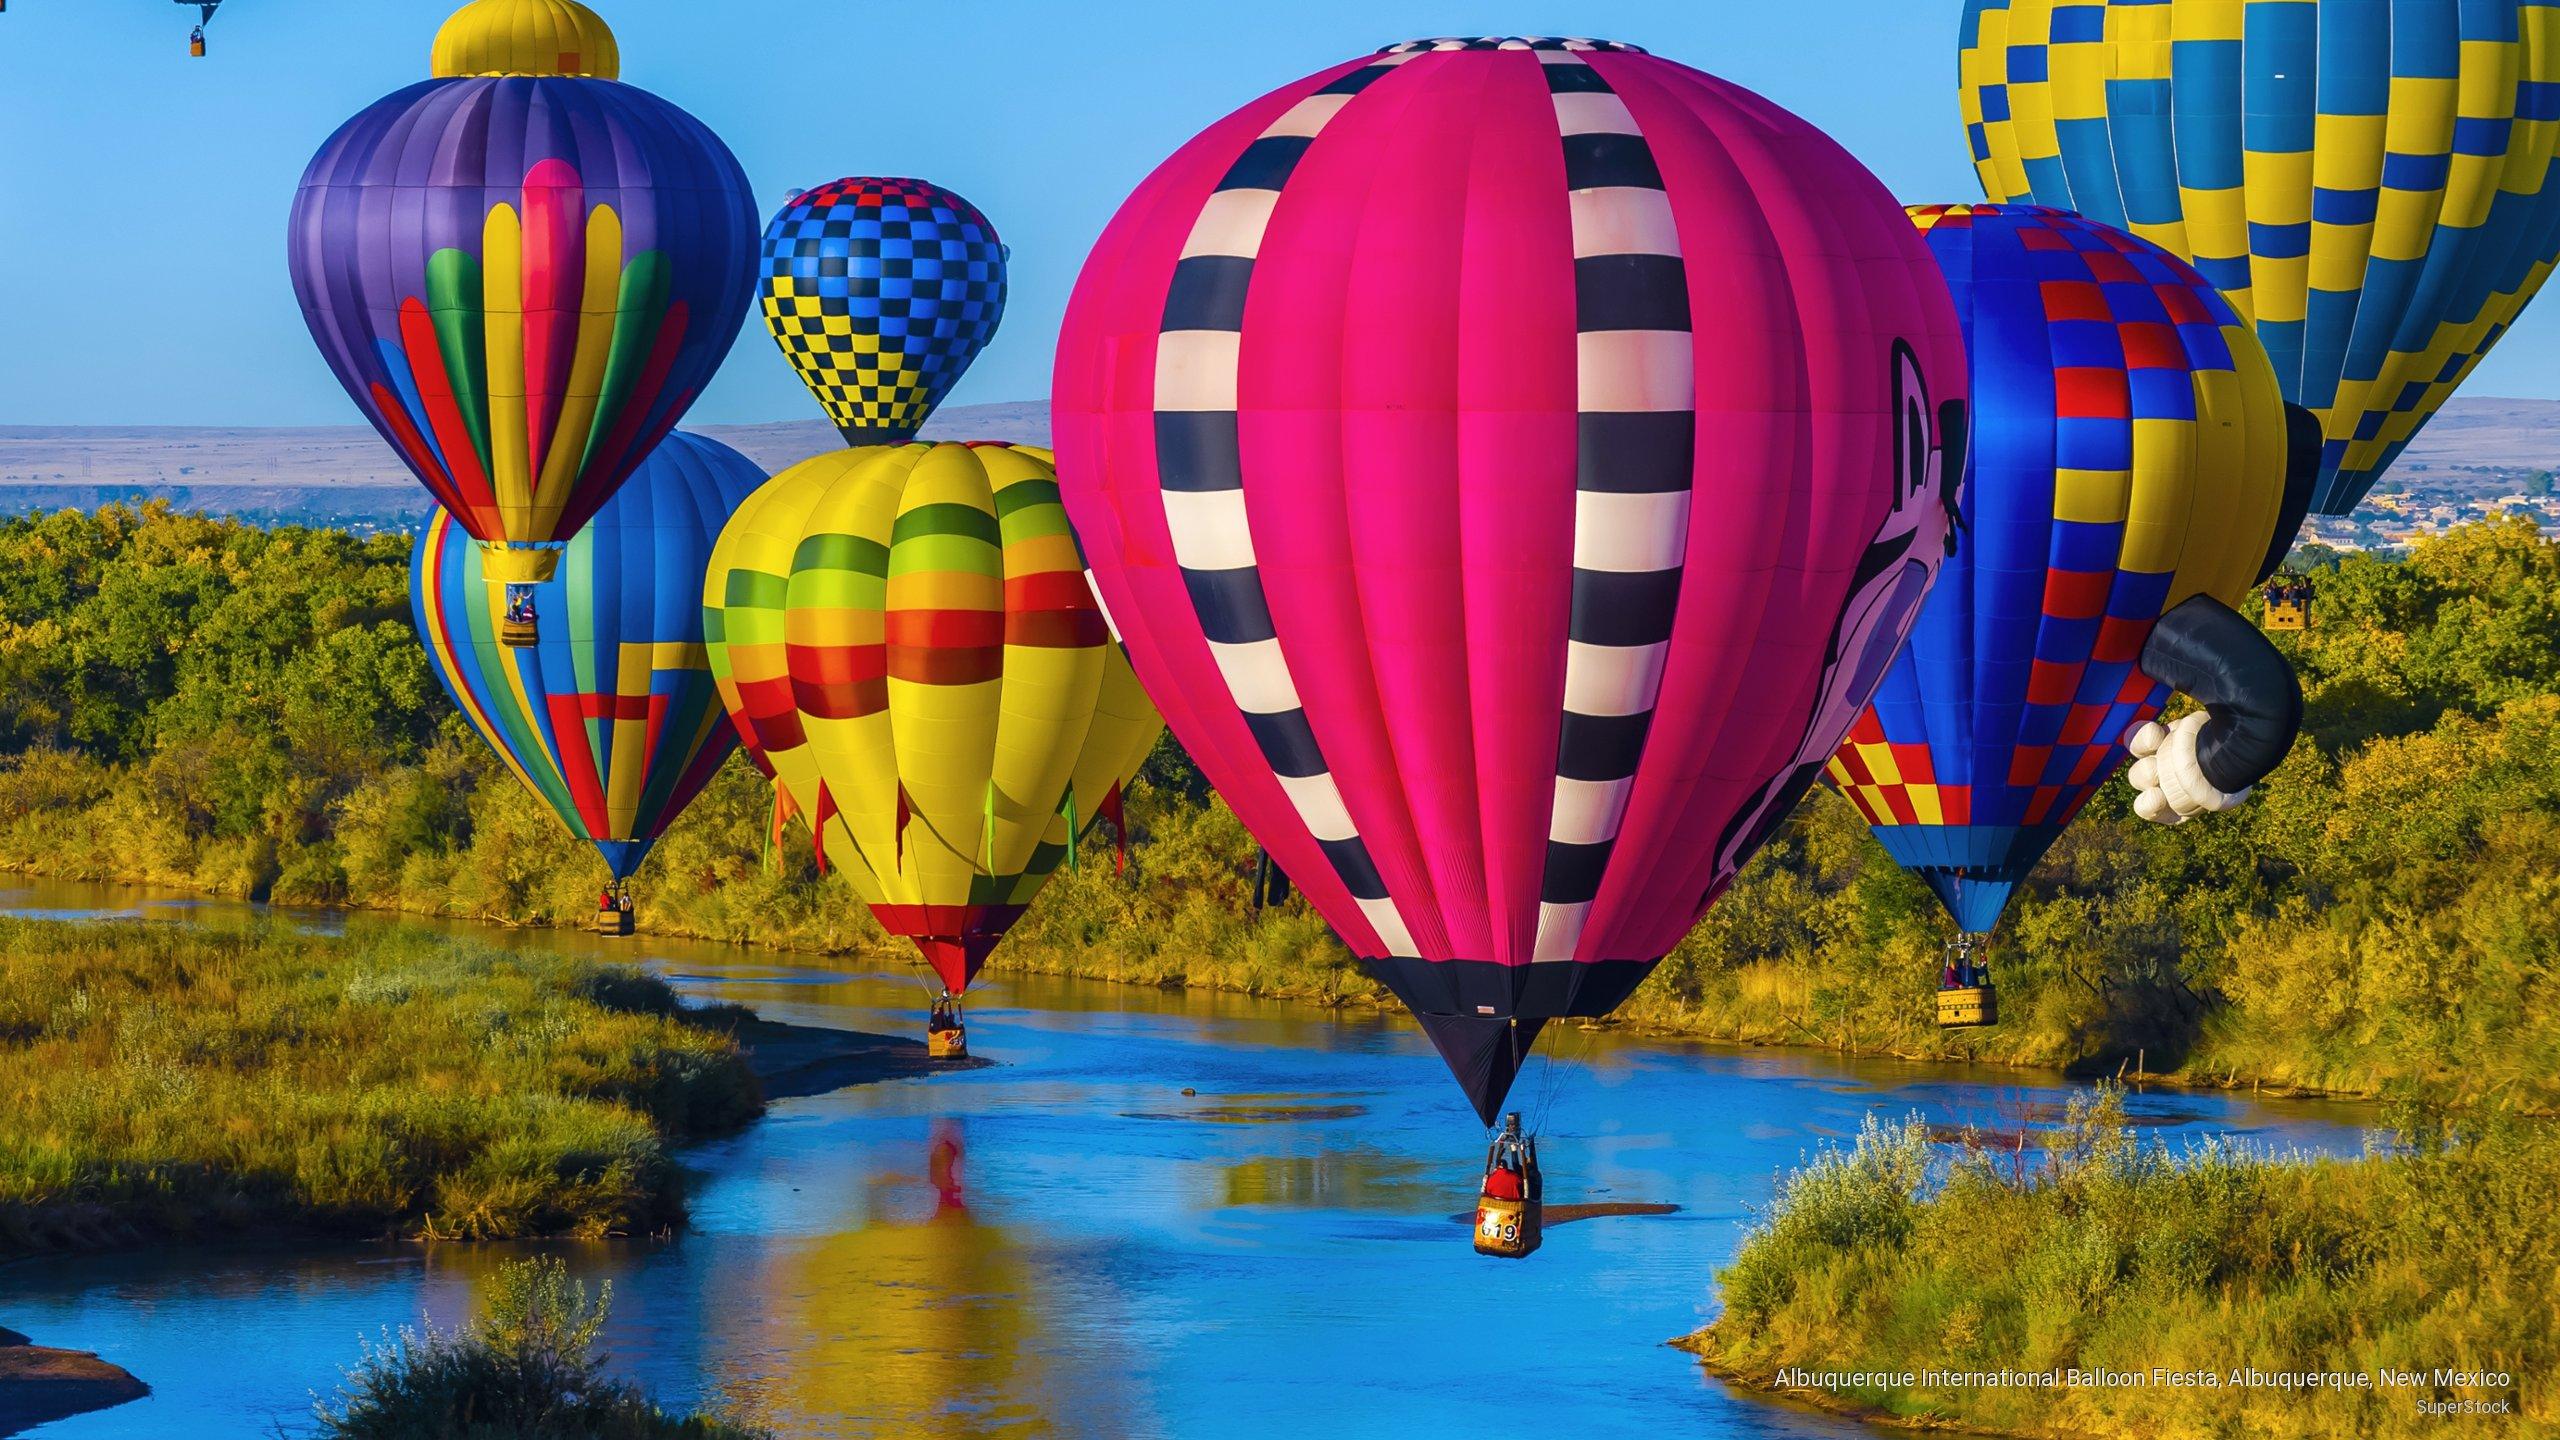 Albuquerque International Balloon Fiesta, Albuquerque, New Mexico